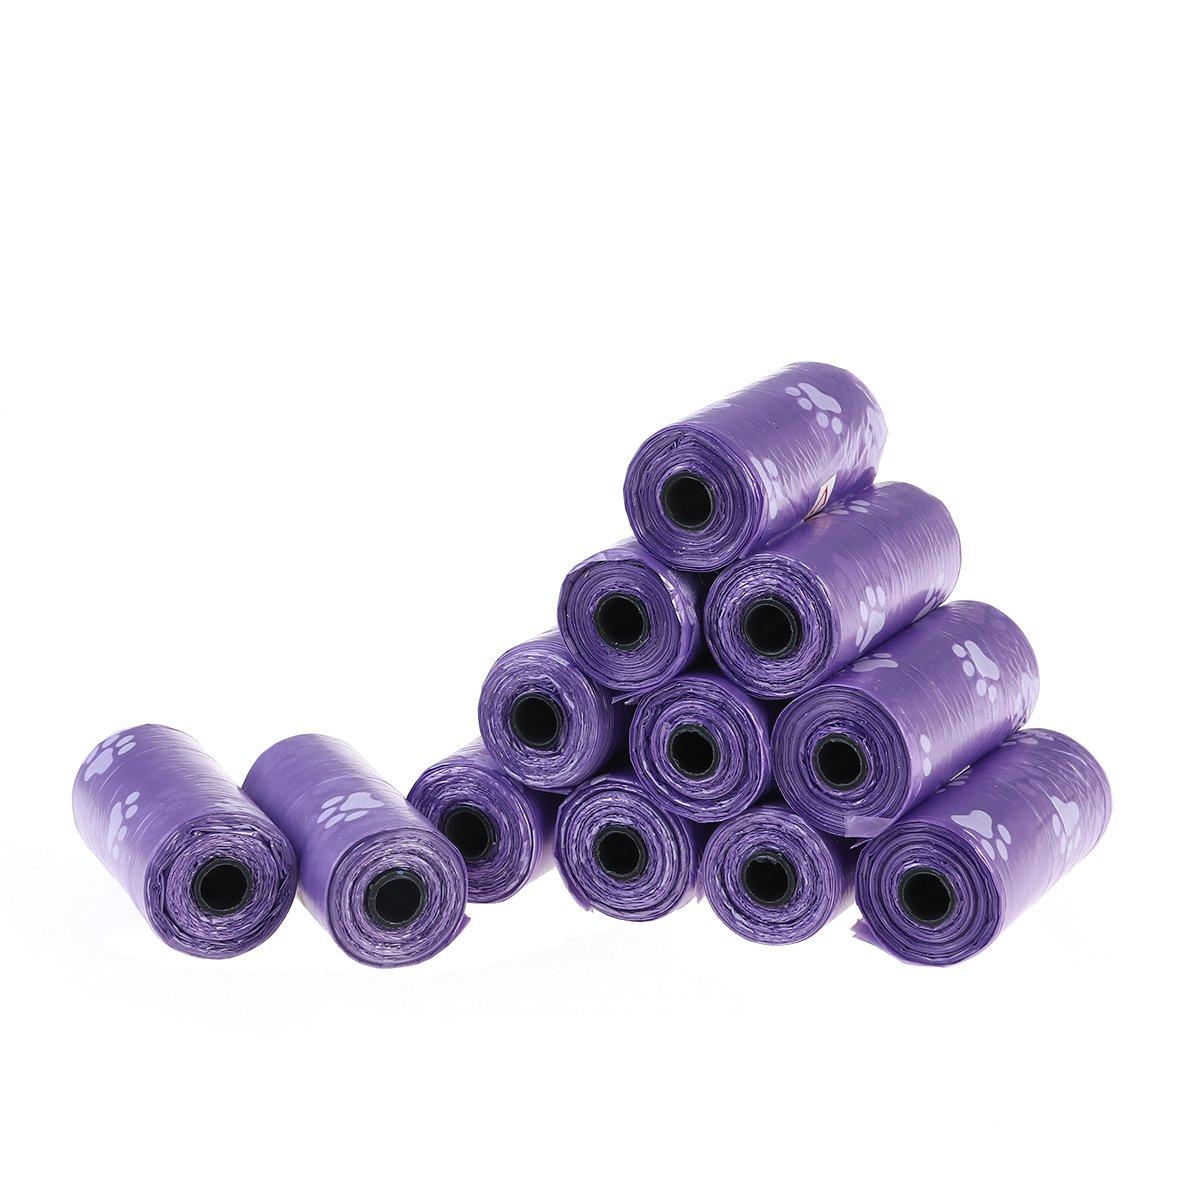 UEETEK Sacs Ramasse-crottes Chien Sacs à Déjections Biodégradables Violet 12 Rouleaux (180 Sacs au Total)